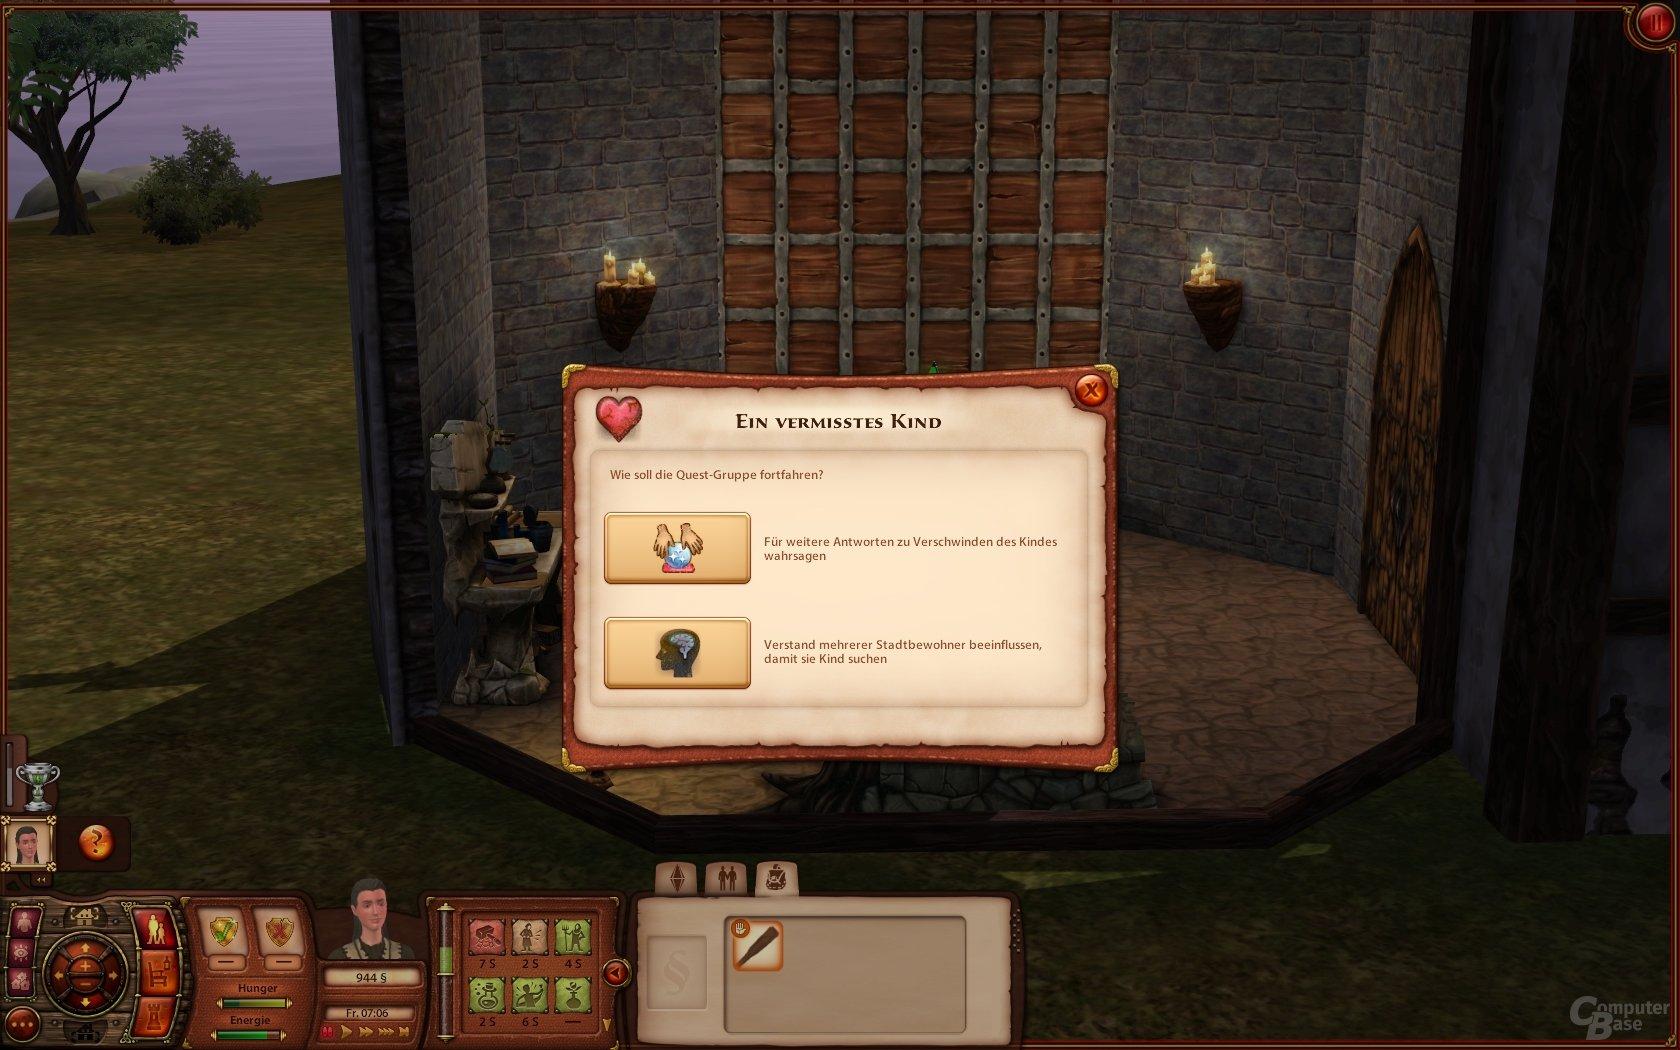 Die Sims Mittelalter 50